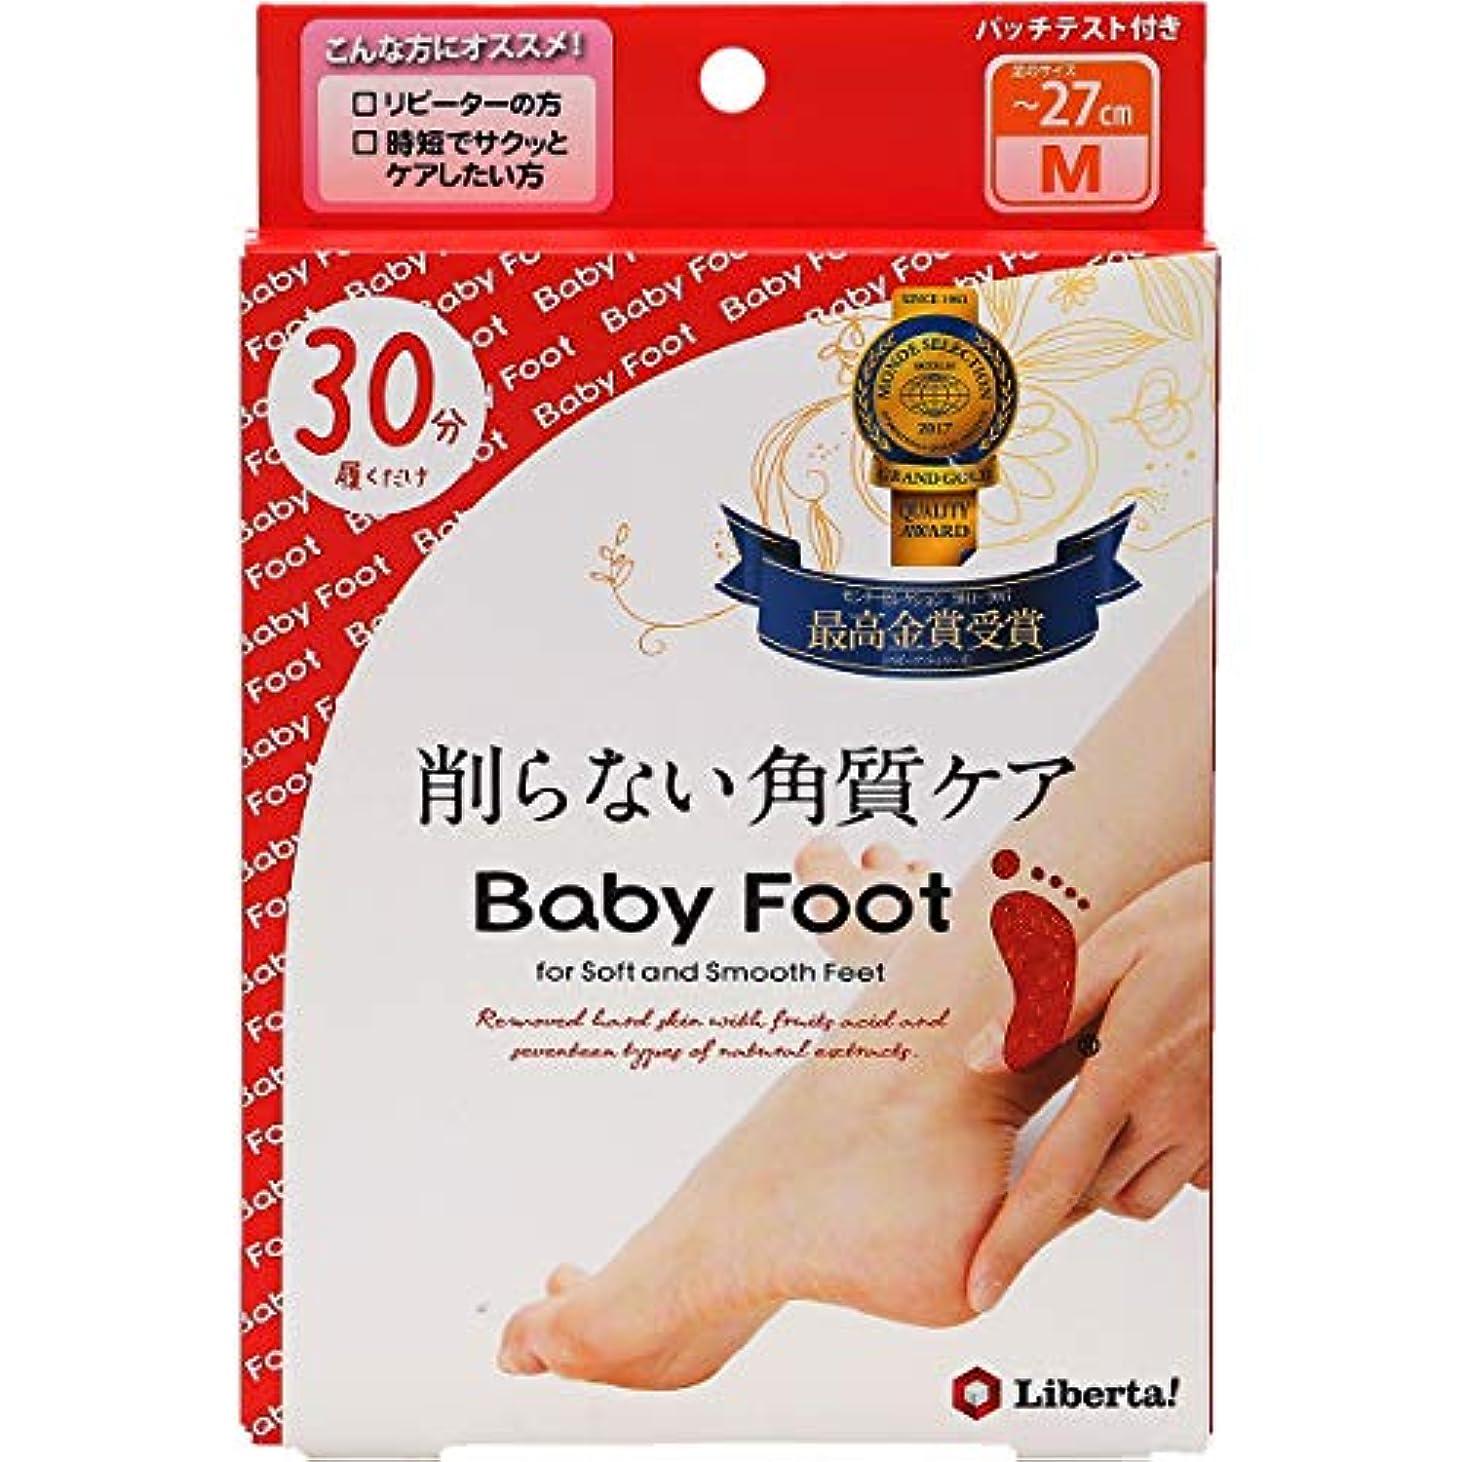 呪われた内部原稿ベビーフット (Baby Foot) ベビーフット イージーパック30分タイプ Mサイズ 単品